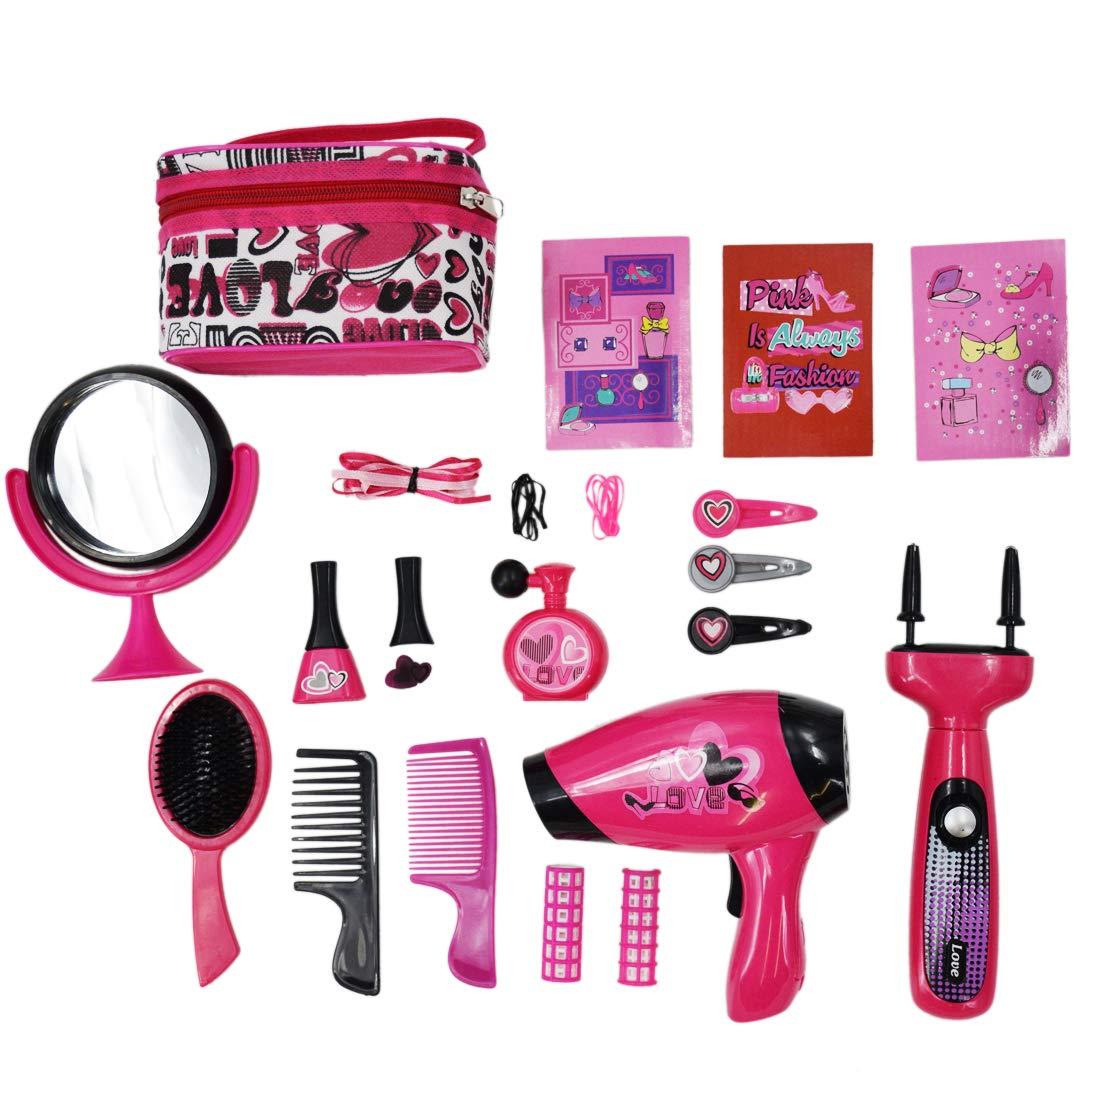 ... y Moda Conjunto de Accesorios Fashion Neceser Incluye Maquillaje Artificial Secador de Pelo y Maquina de Trenzado a Pilas: Amazon.es: Juguetes y juegos